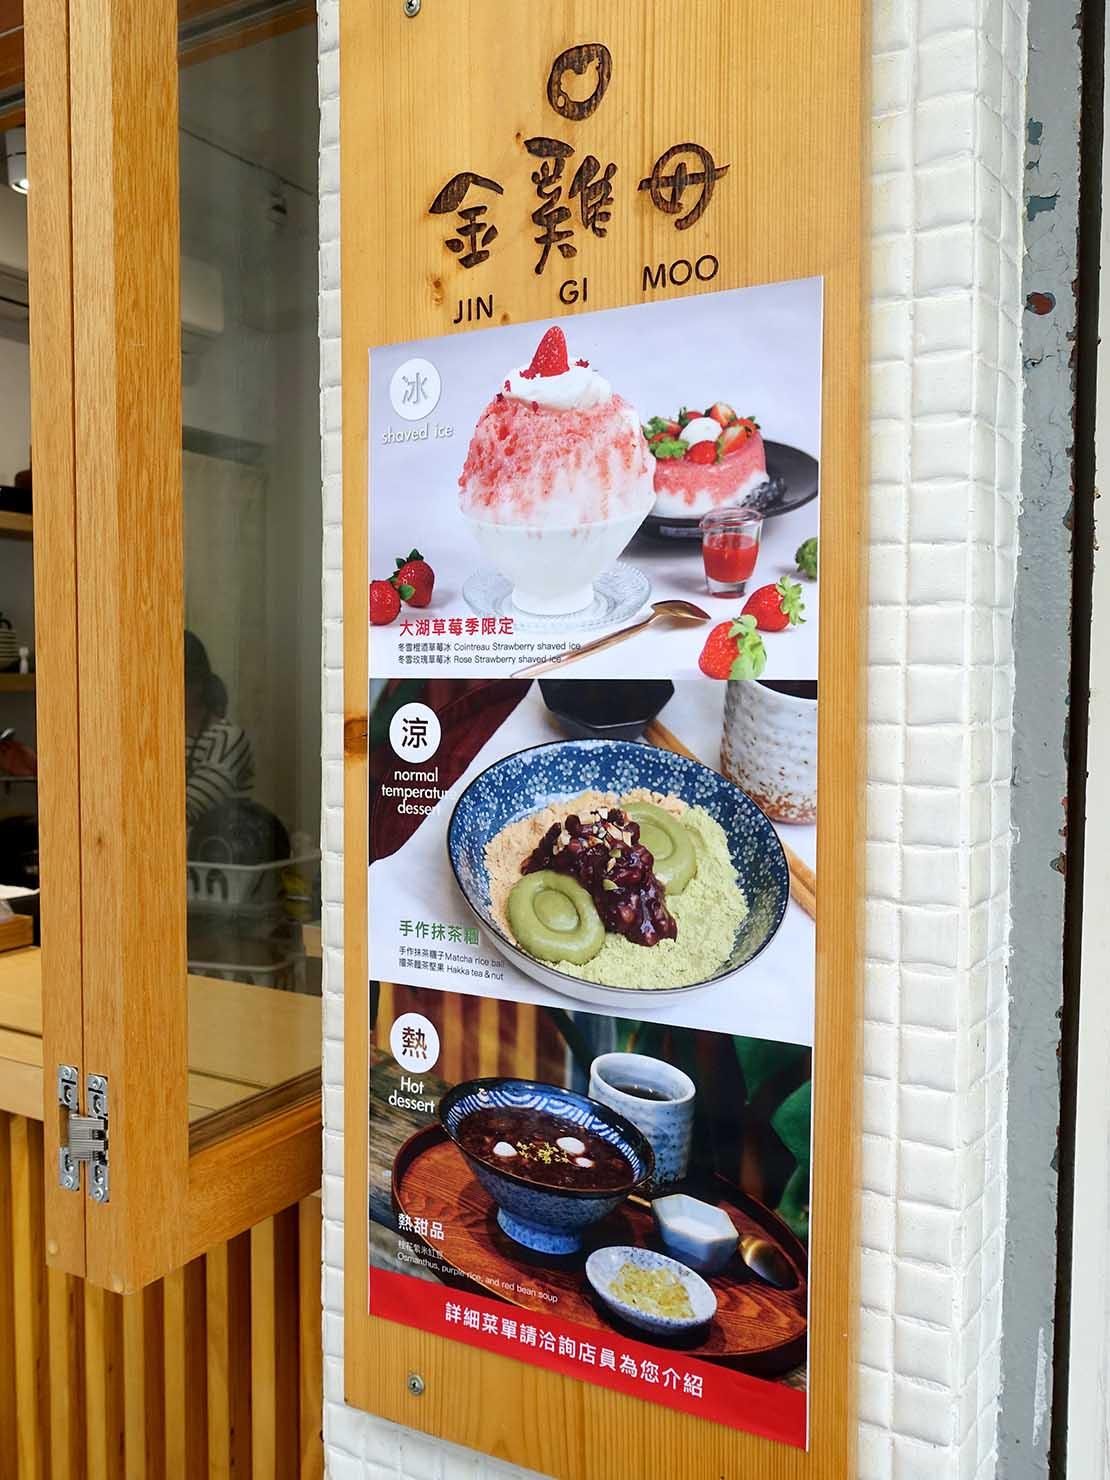 台北・東門エリアのおすすめスイーツ店「金雞母」のメニュー